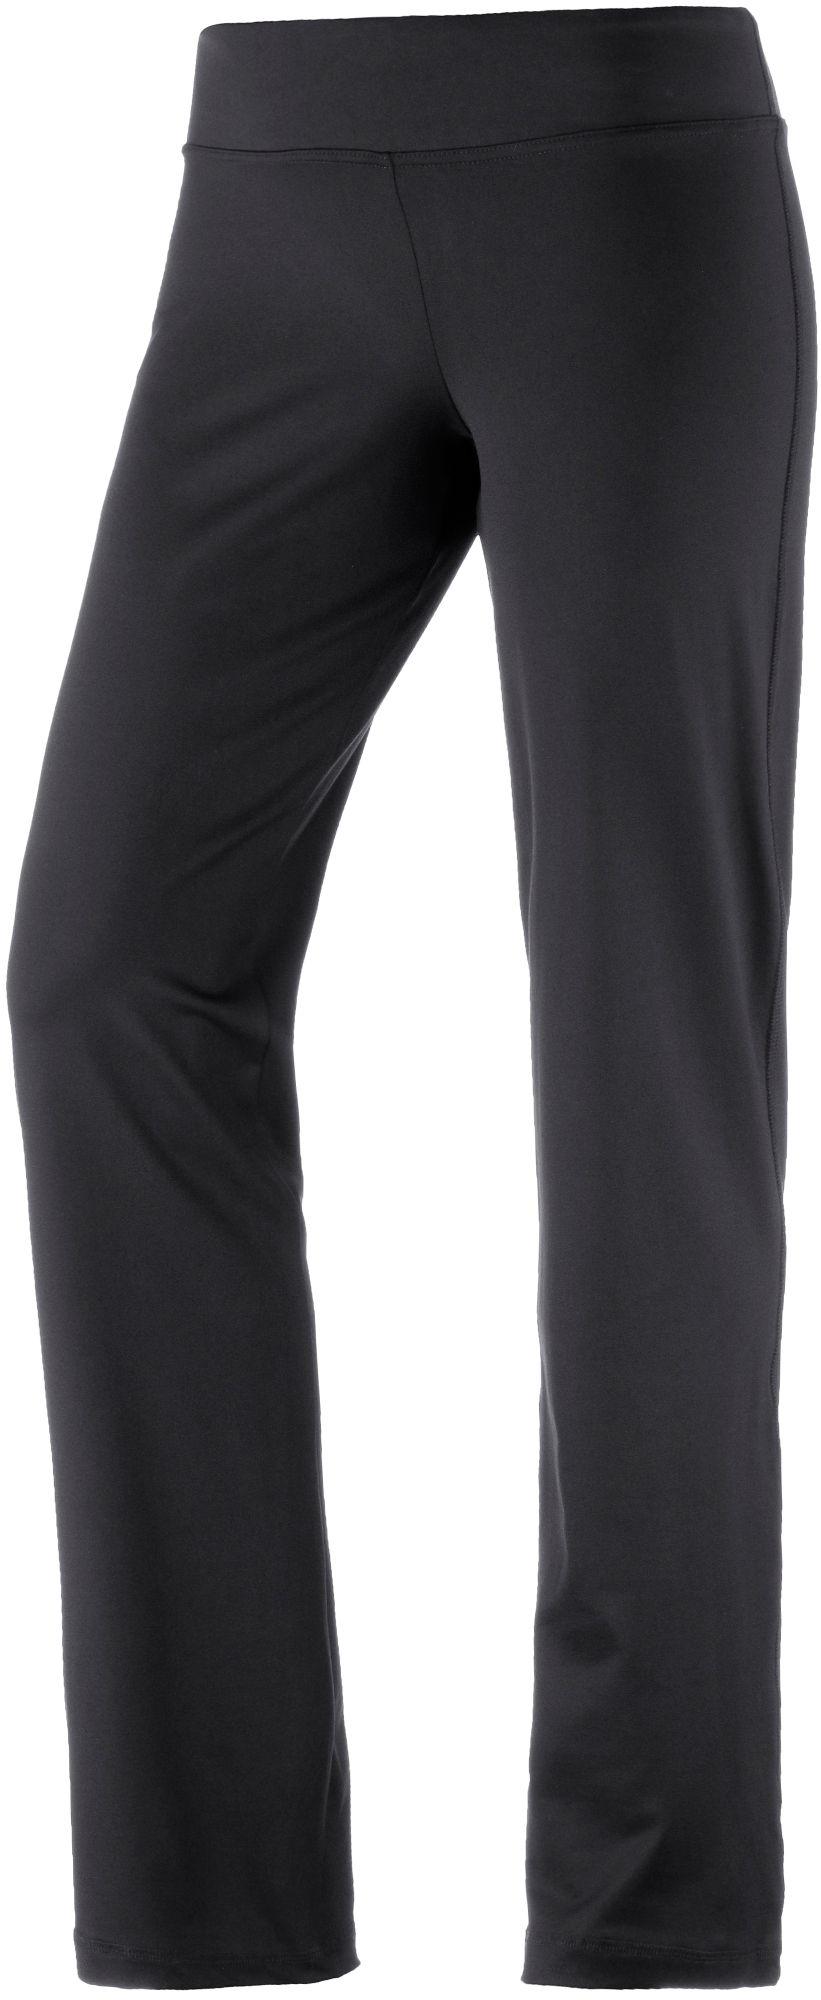 Marion Jazzpants Damen in schwarz, Größe 36